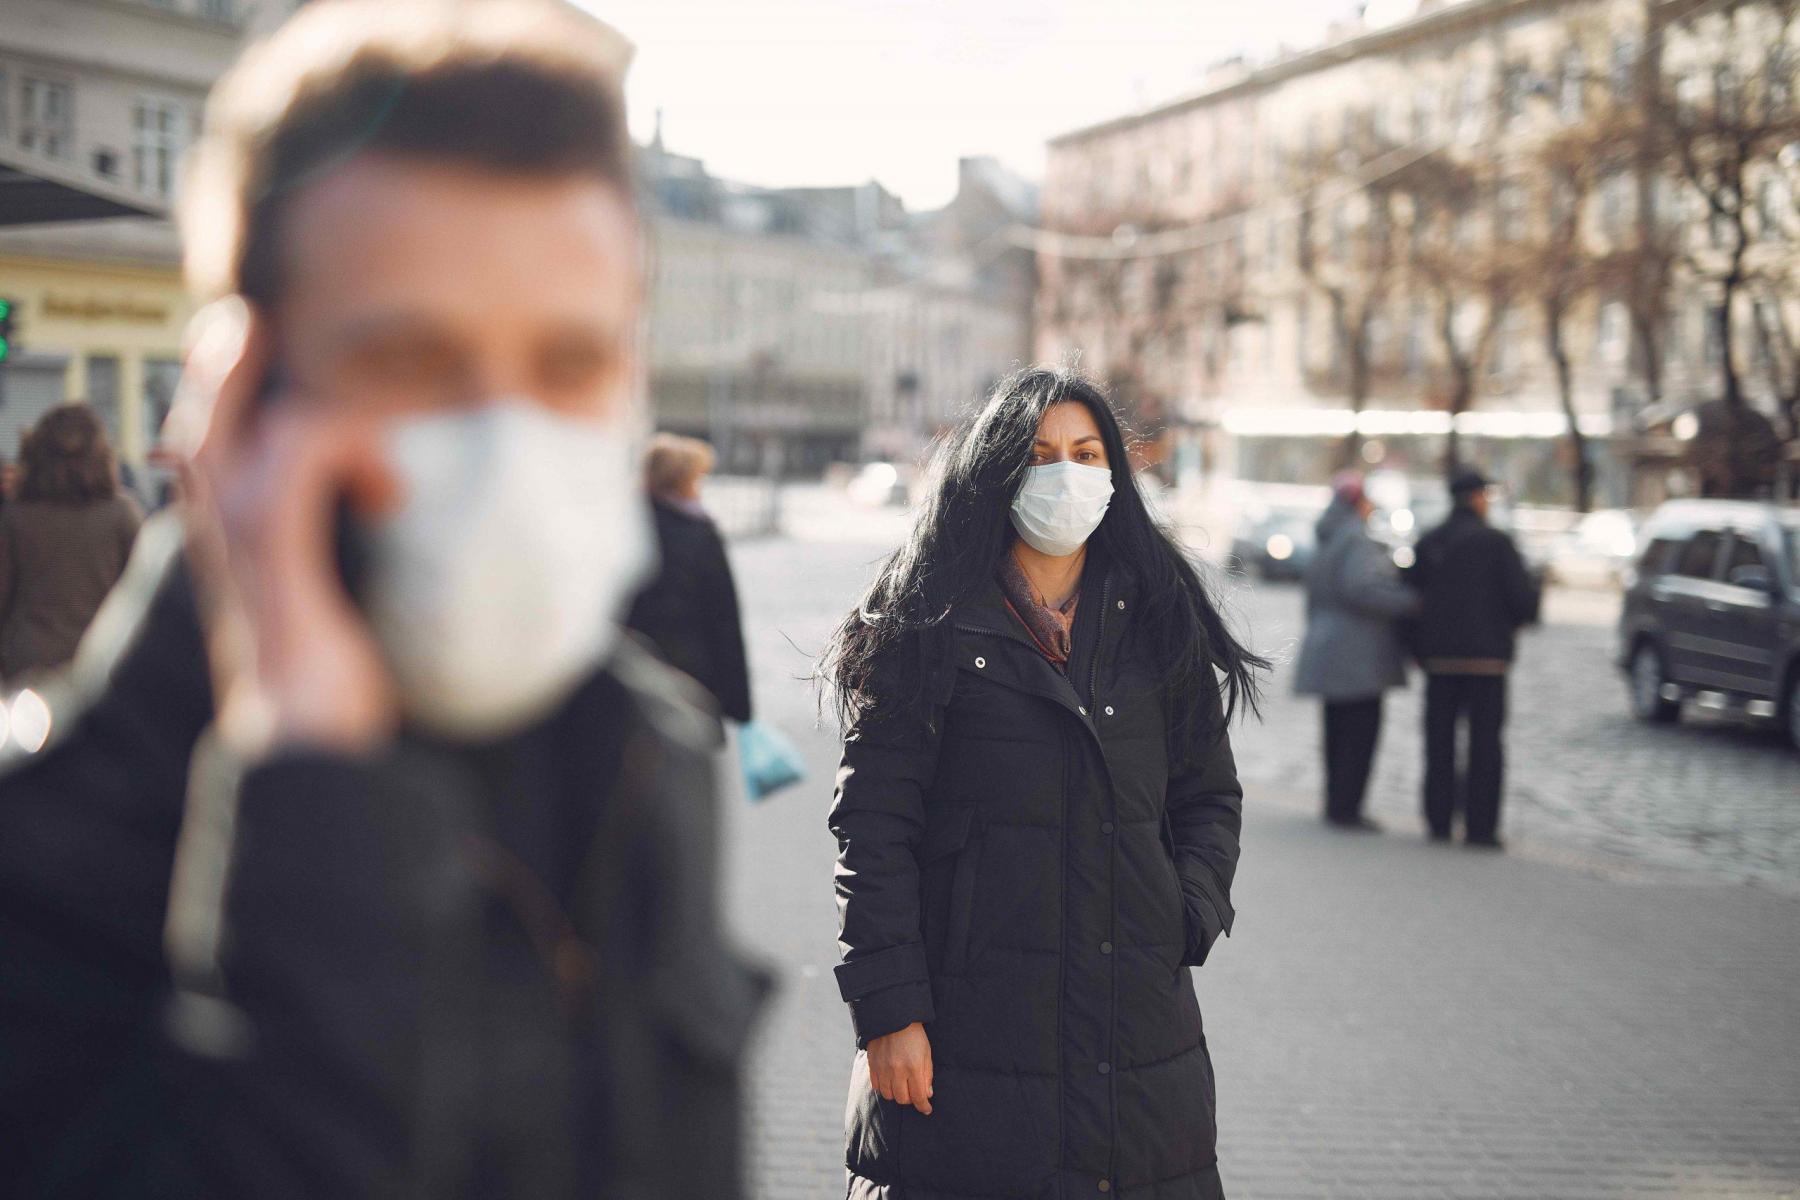 фото Жириновский на «Евровидении», дорогой хлеб и капли в нос от коронавируса: главные новости 2 апреля 2021 года – в одном материале 2